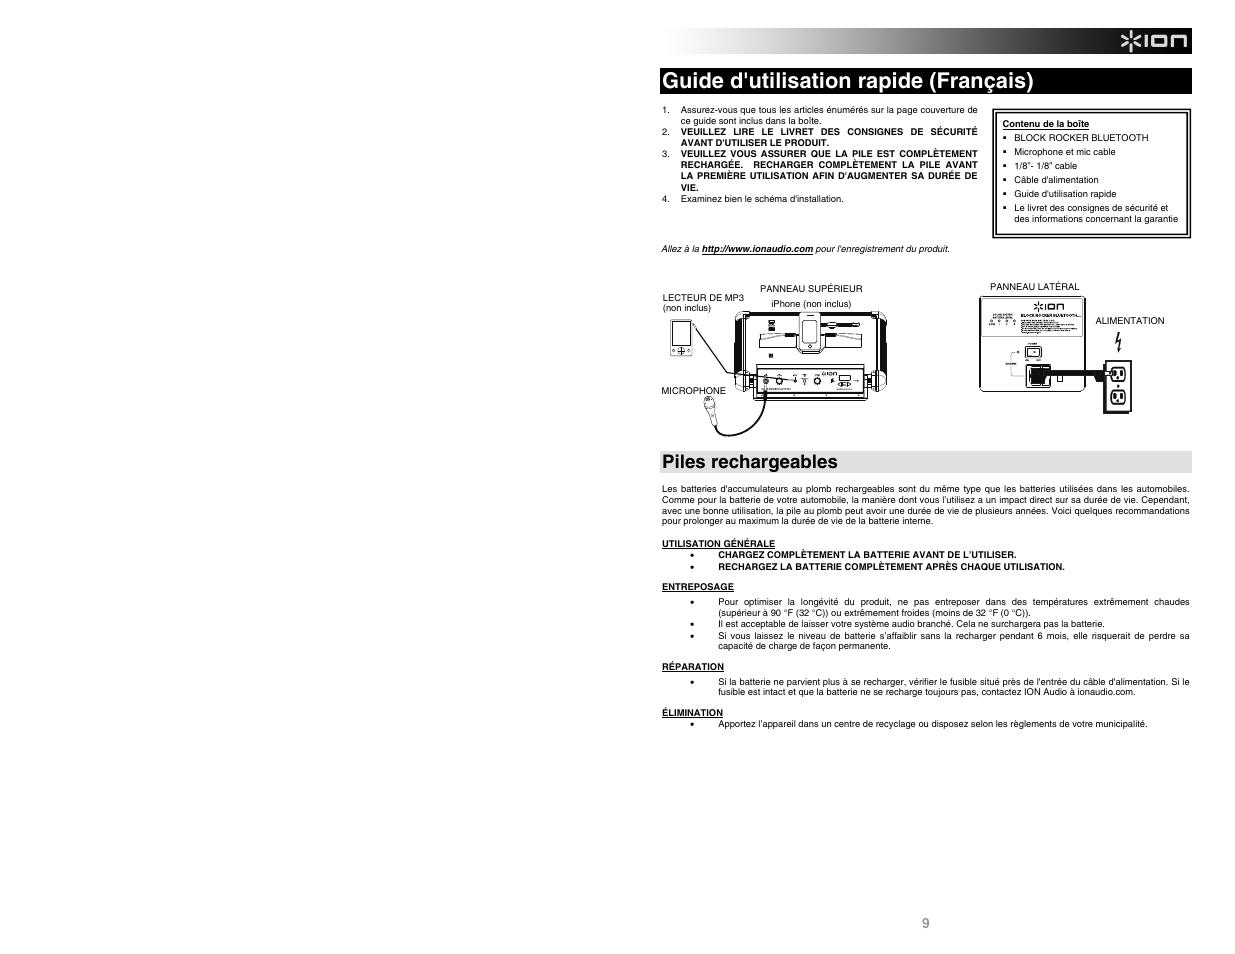 Guide d'utilisation rapide (français), Piles rechargeables | ION Audio Block  Rocker